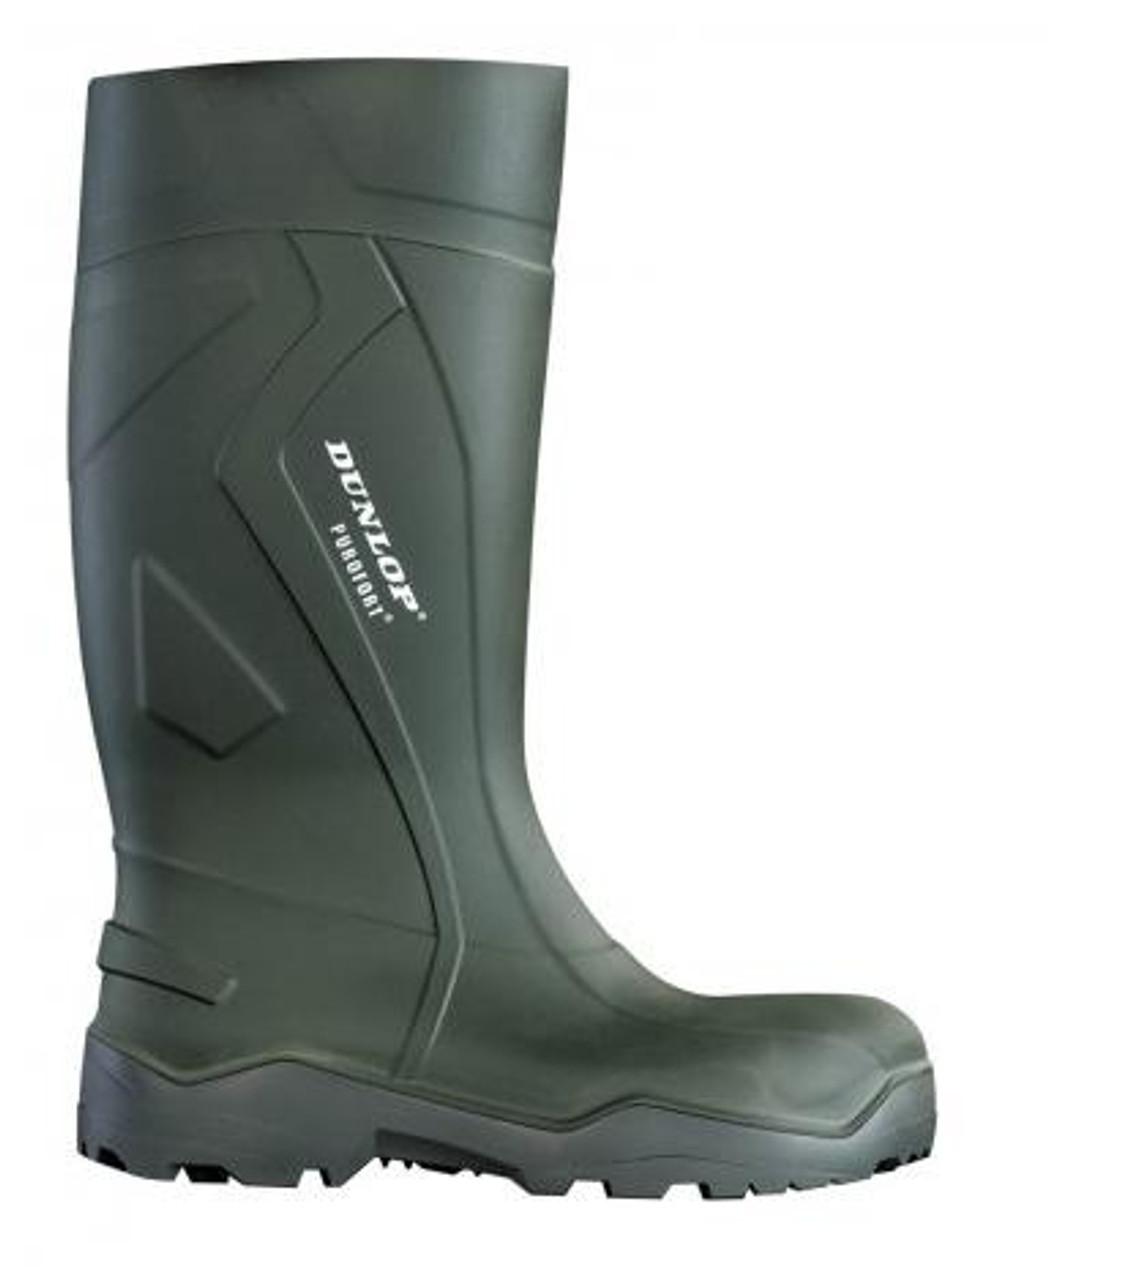 301dcd9d77e Dunlop Purofort+ Full Safety -20 C CSA Safety Boot